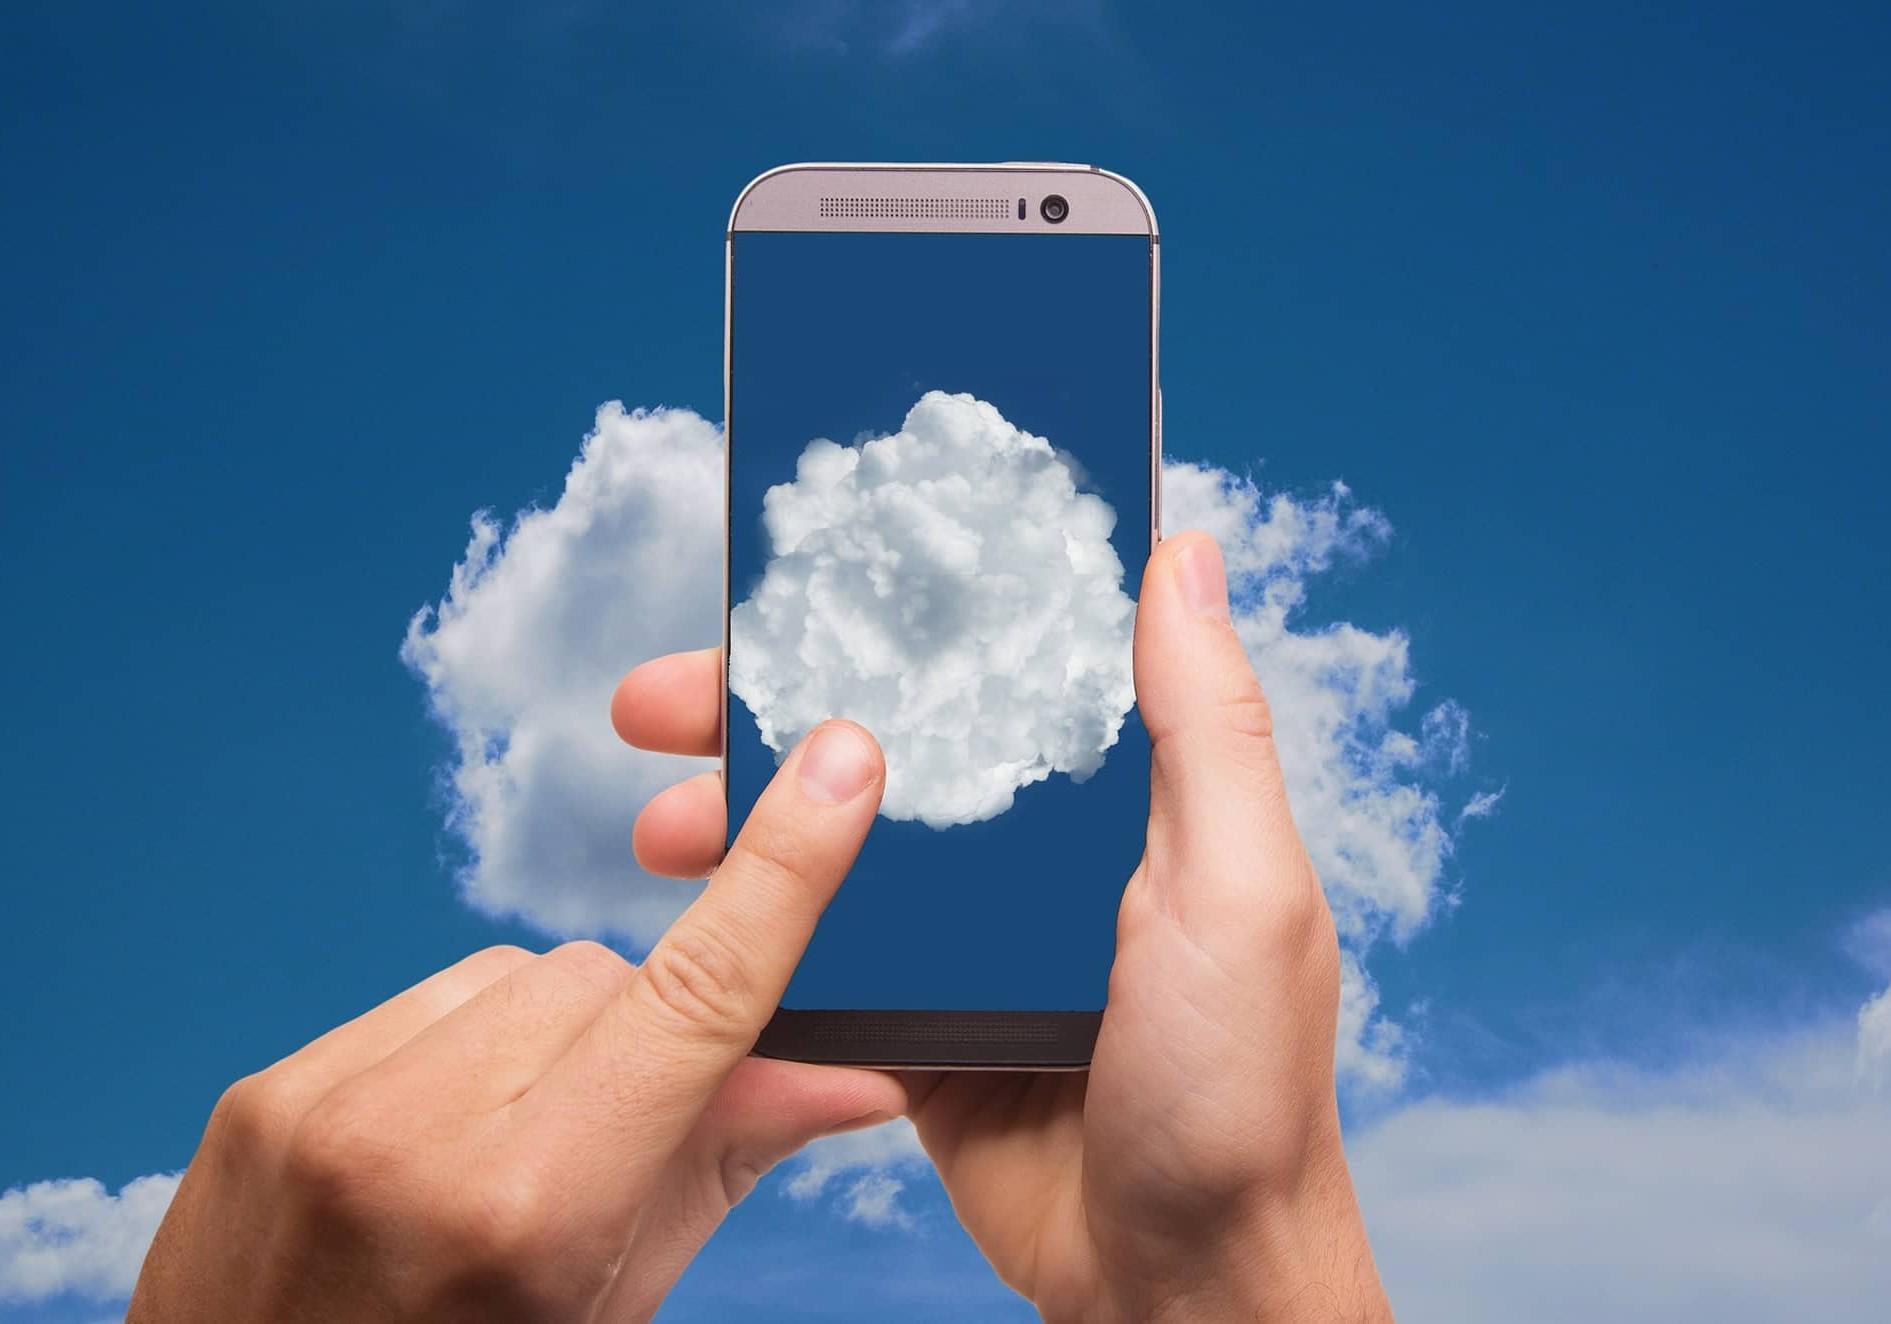 Cloud software, uitgelegd voor de niet-technische mensen...